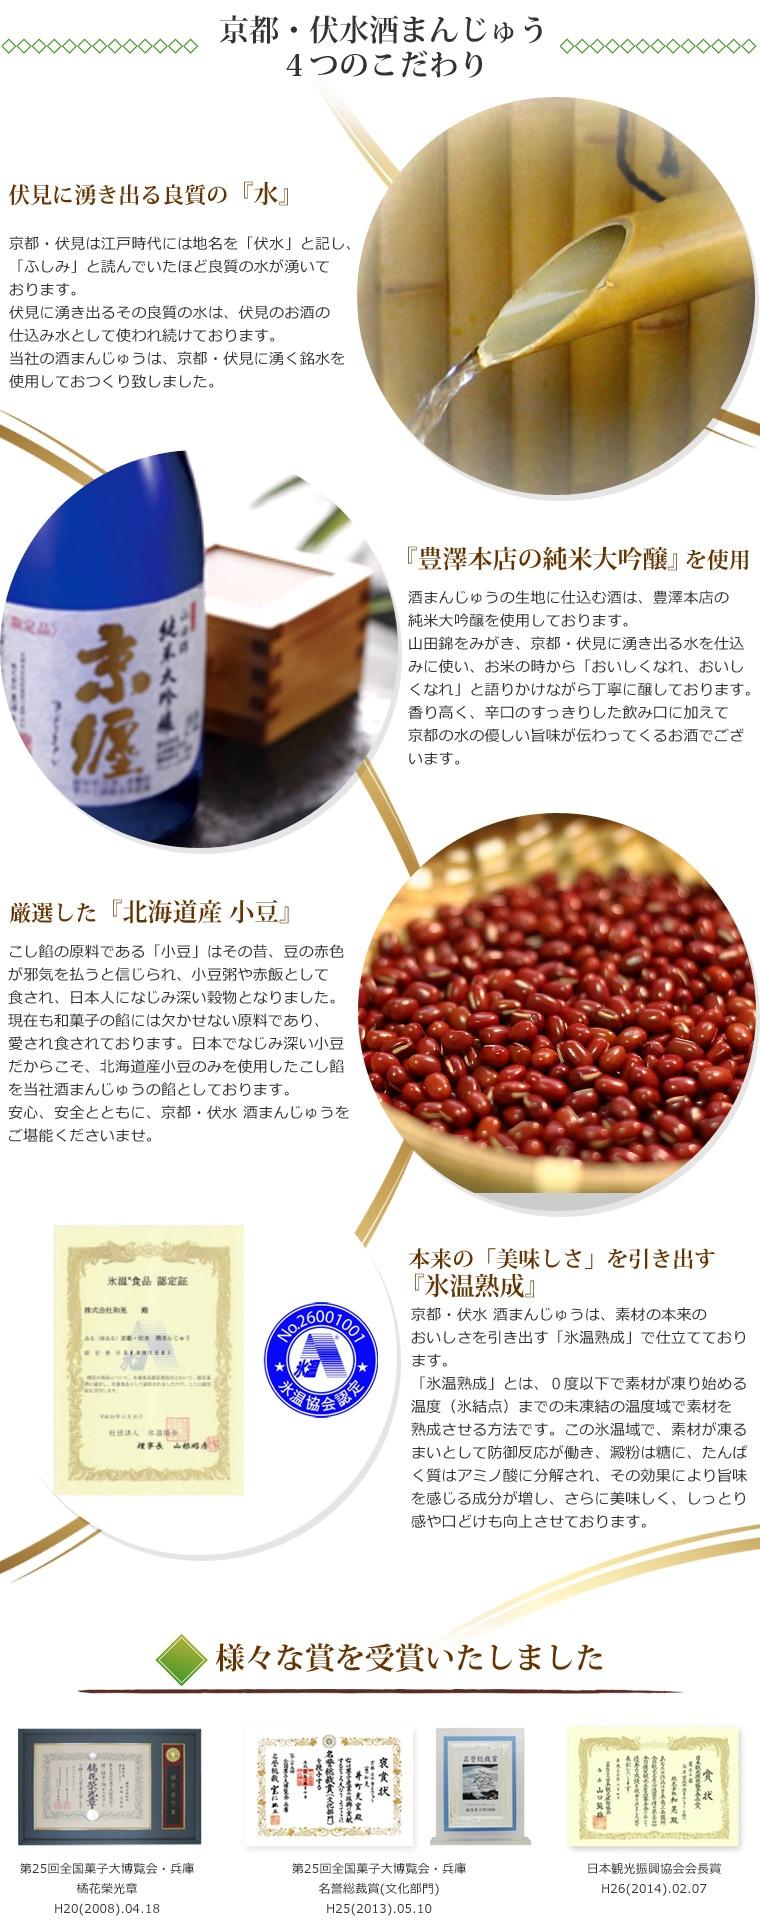 京都・伏水酒まんじゅう 4つのこだわり